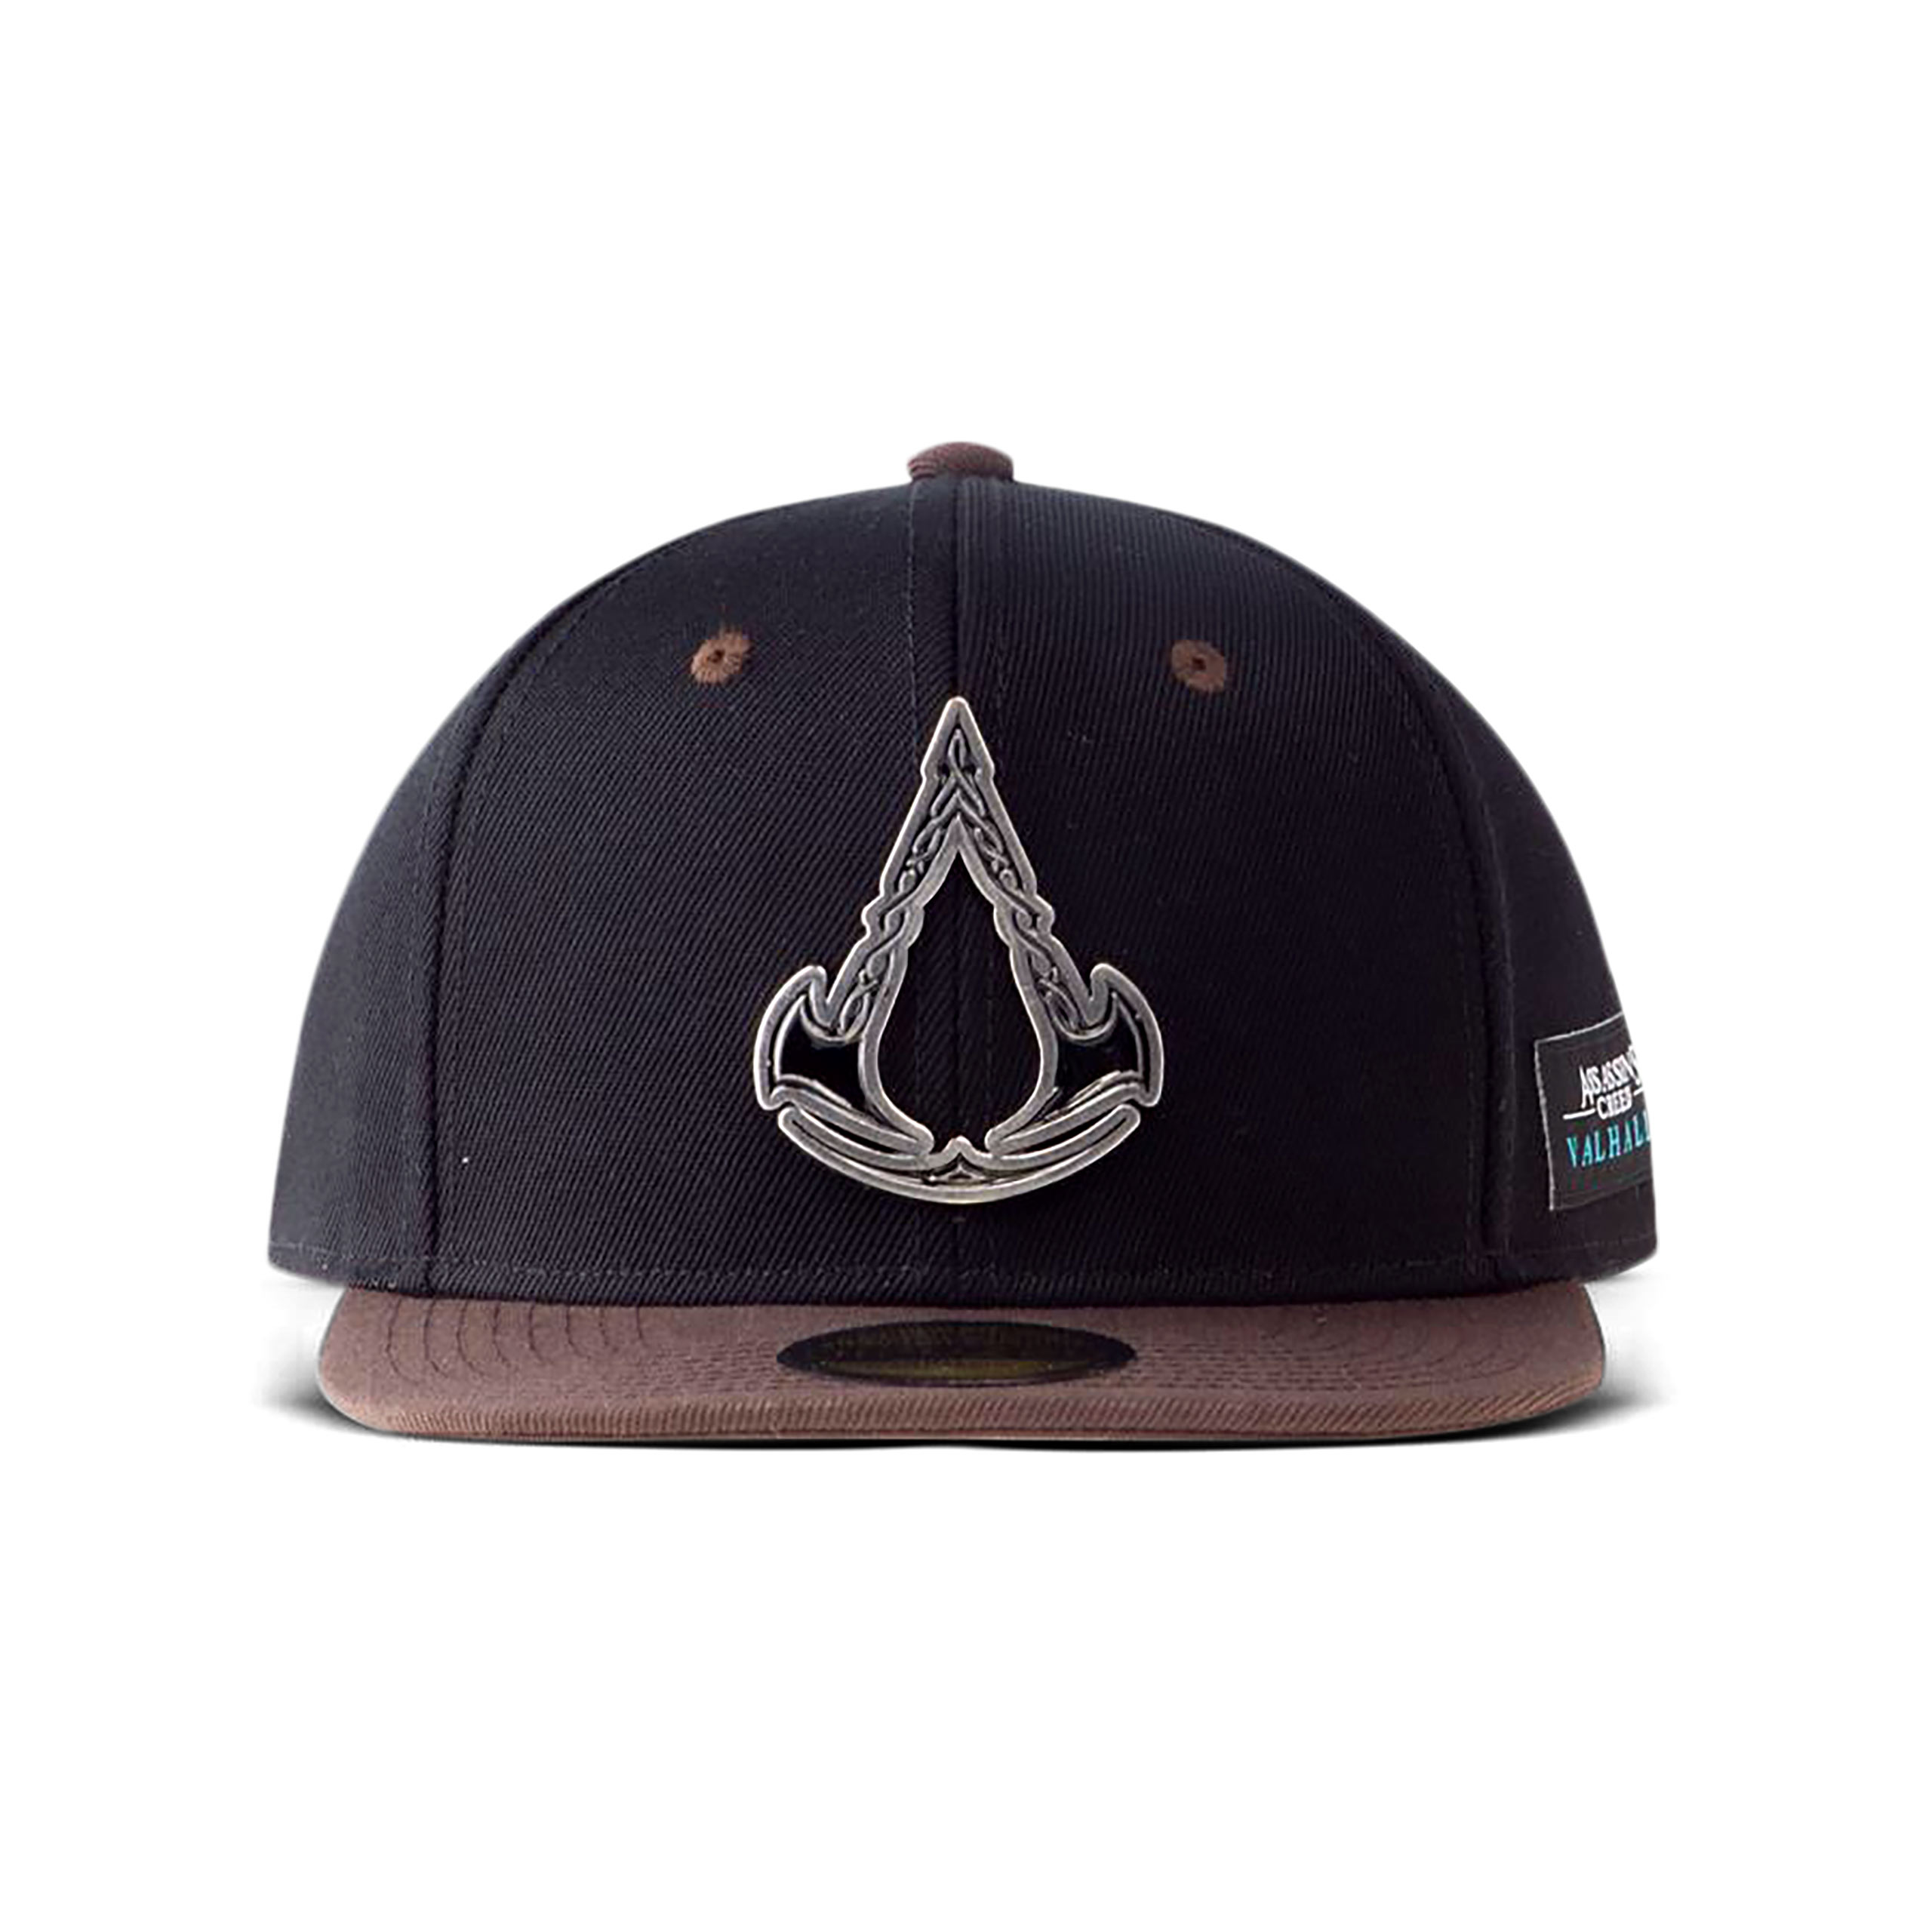 Assassin's Creed - Valhalla Metall Logo Snapback Cap